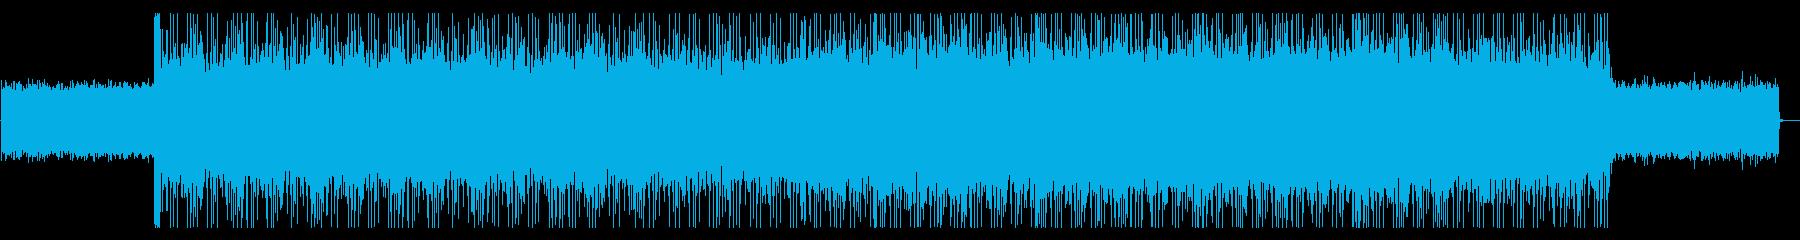 オープニングに 爽やかなハードロックの再生済みの波形